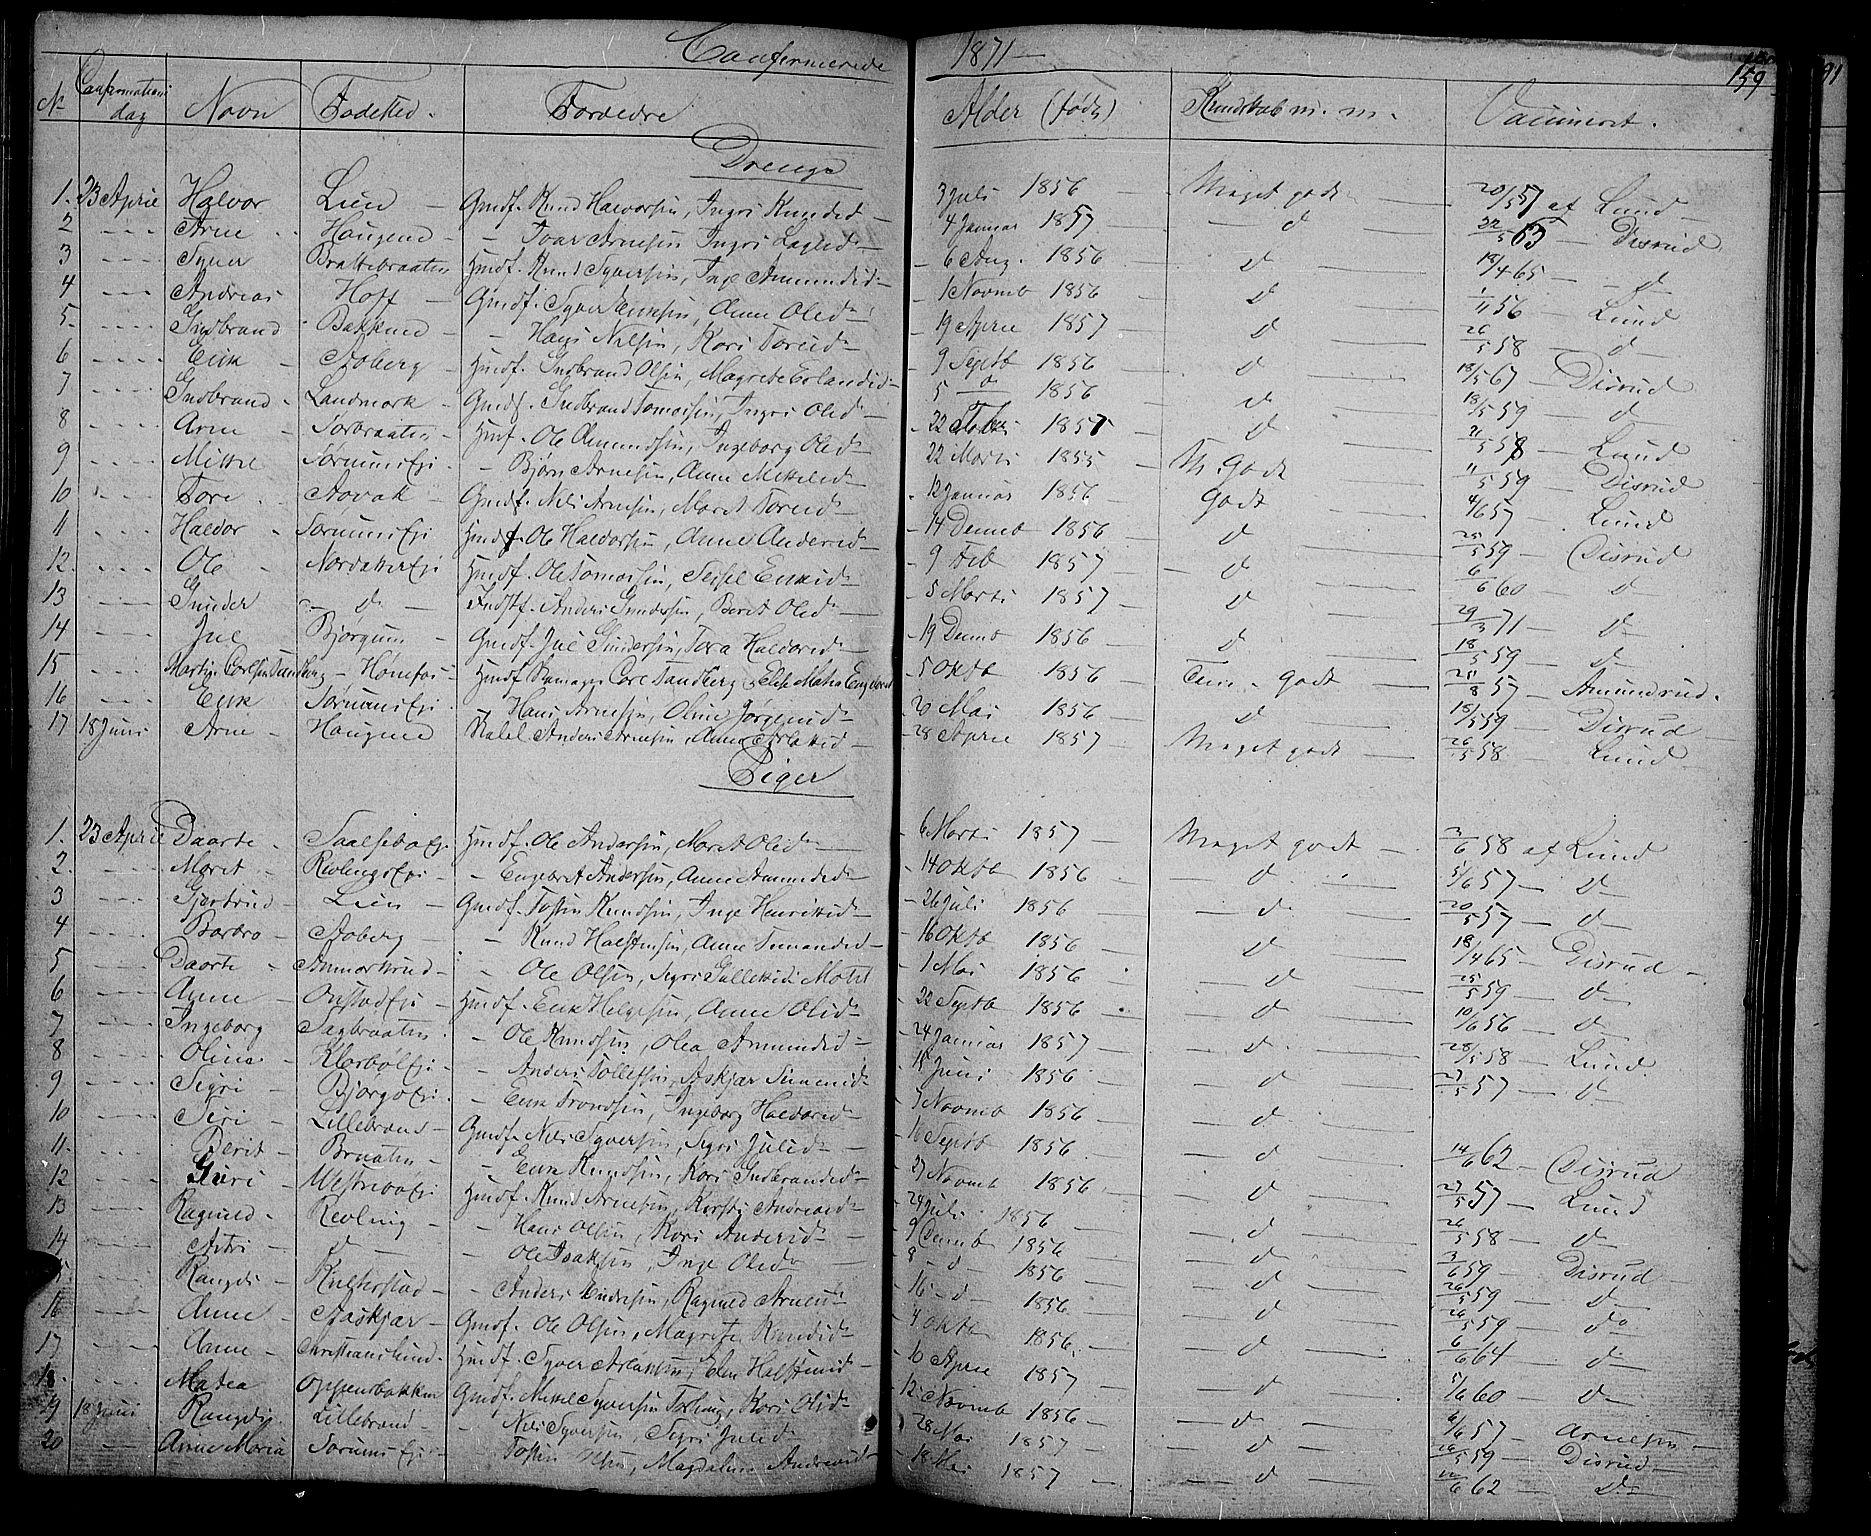 SAH, Nord-Aurdal prestekontor, Klokkerbok nr. 2, 1842-1877, s. 159